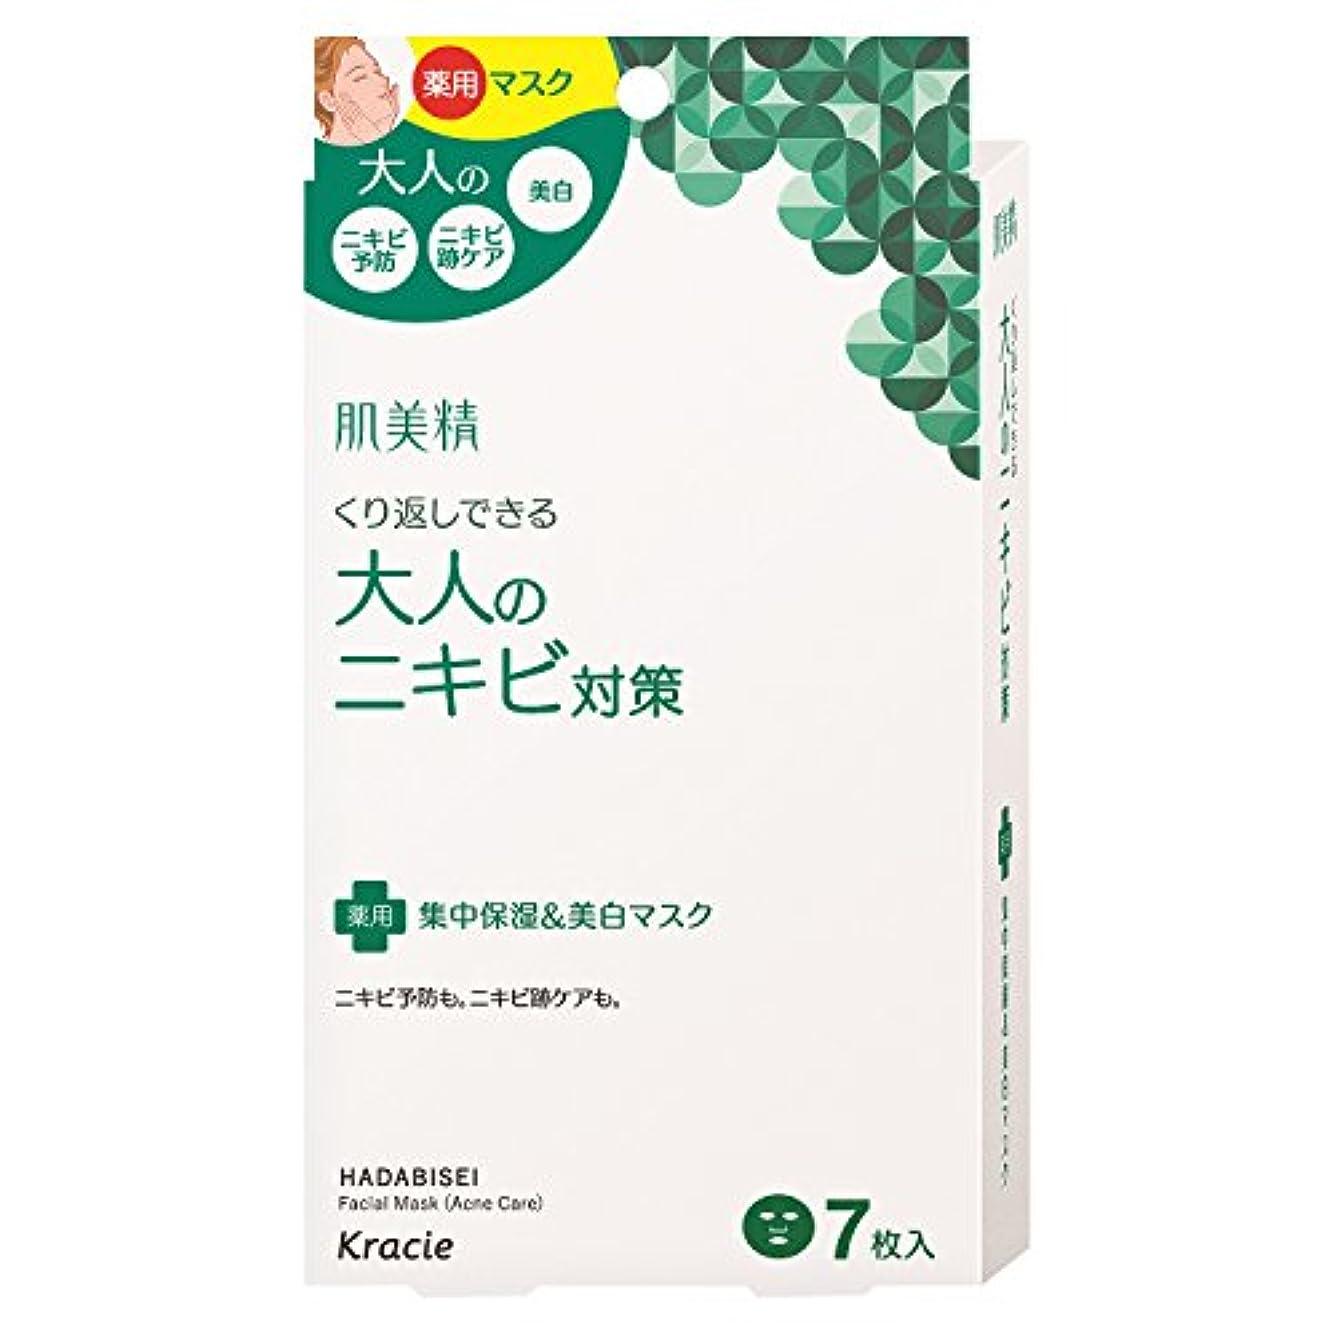 プラカード人生を作るラフト肌美精 大人のニキビ対策 薬用集中保湿&美白マスク 7枚 (医薬部外品)